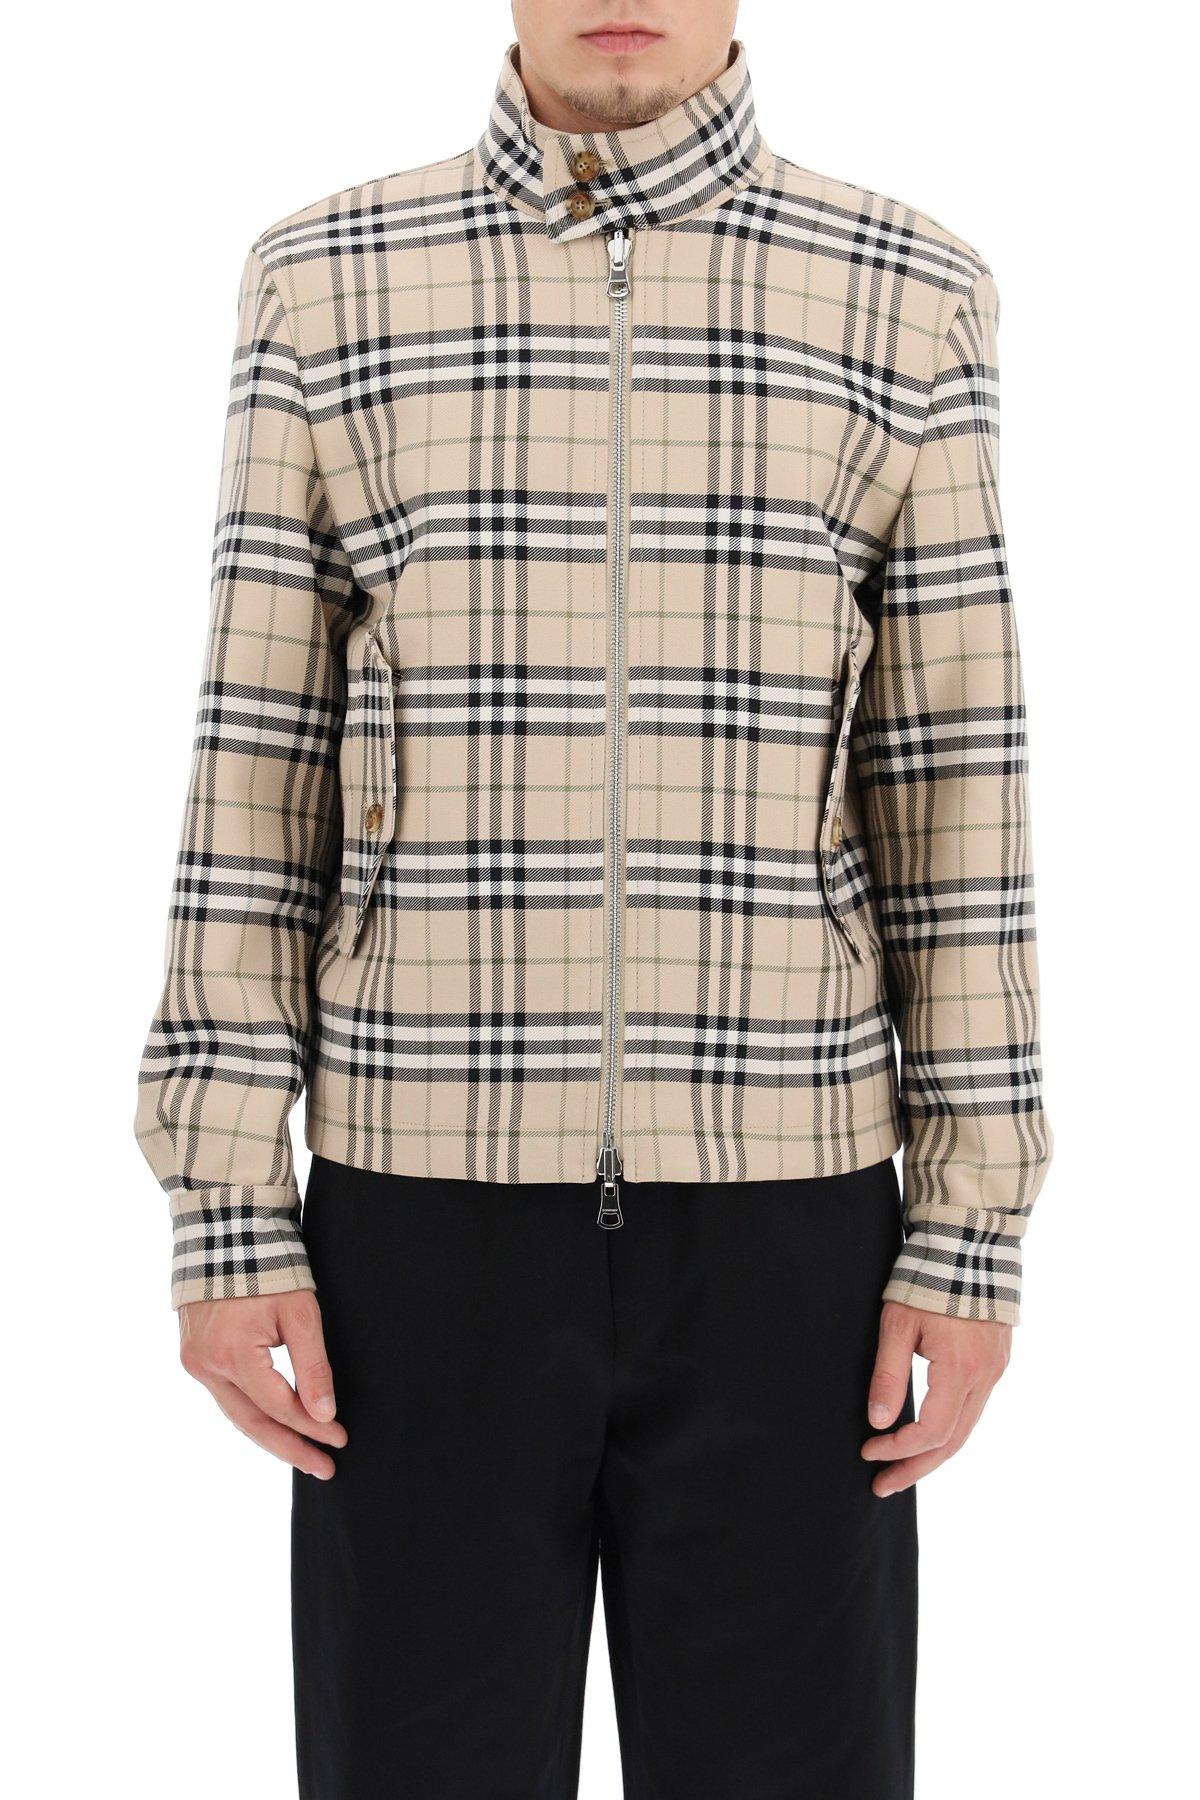 Burberry giacca reversibile in gabardine